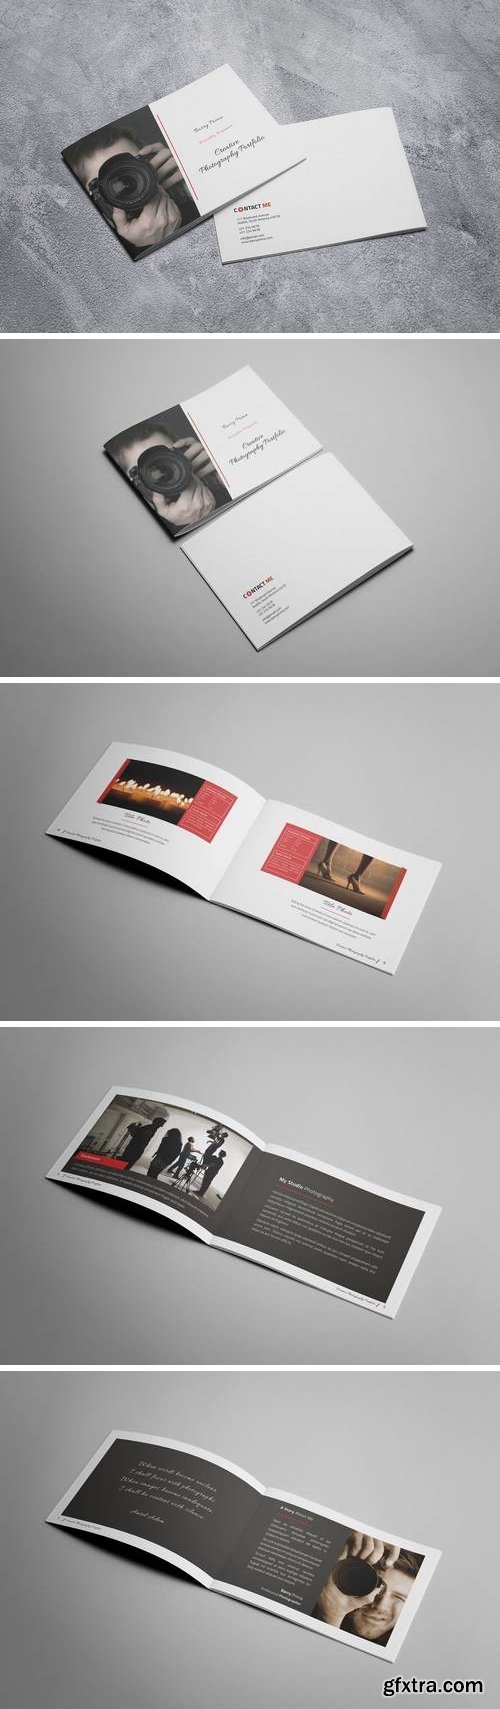 Creative Portfolio Photography